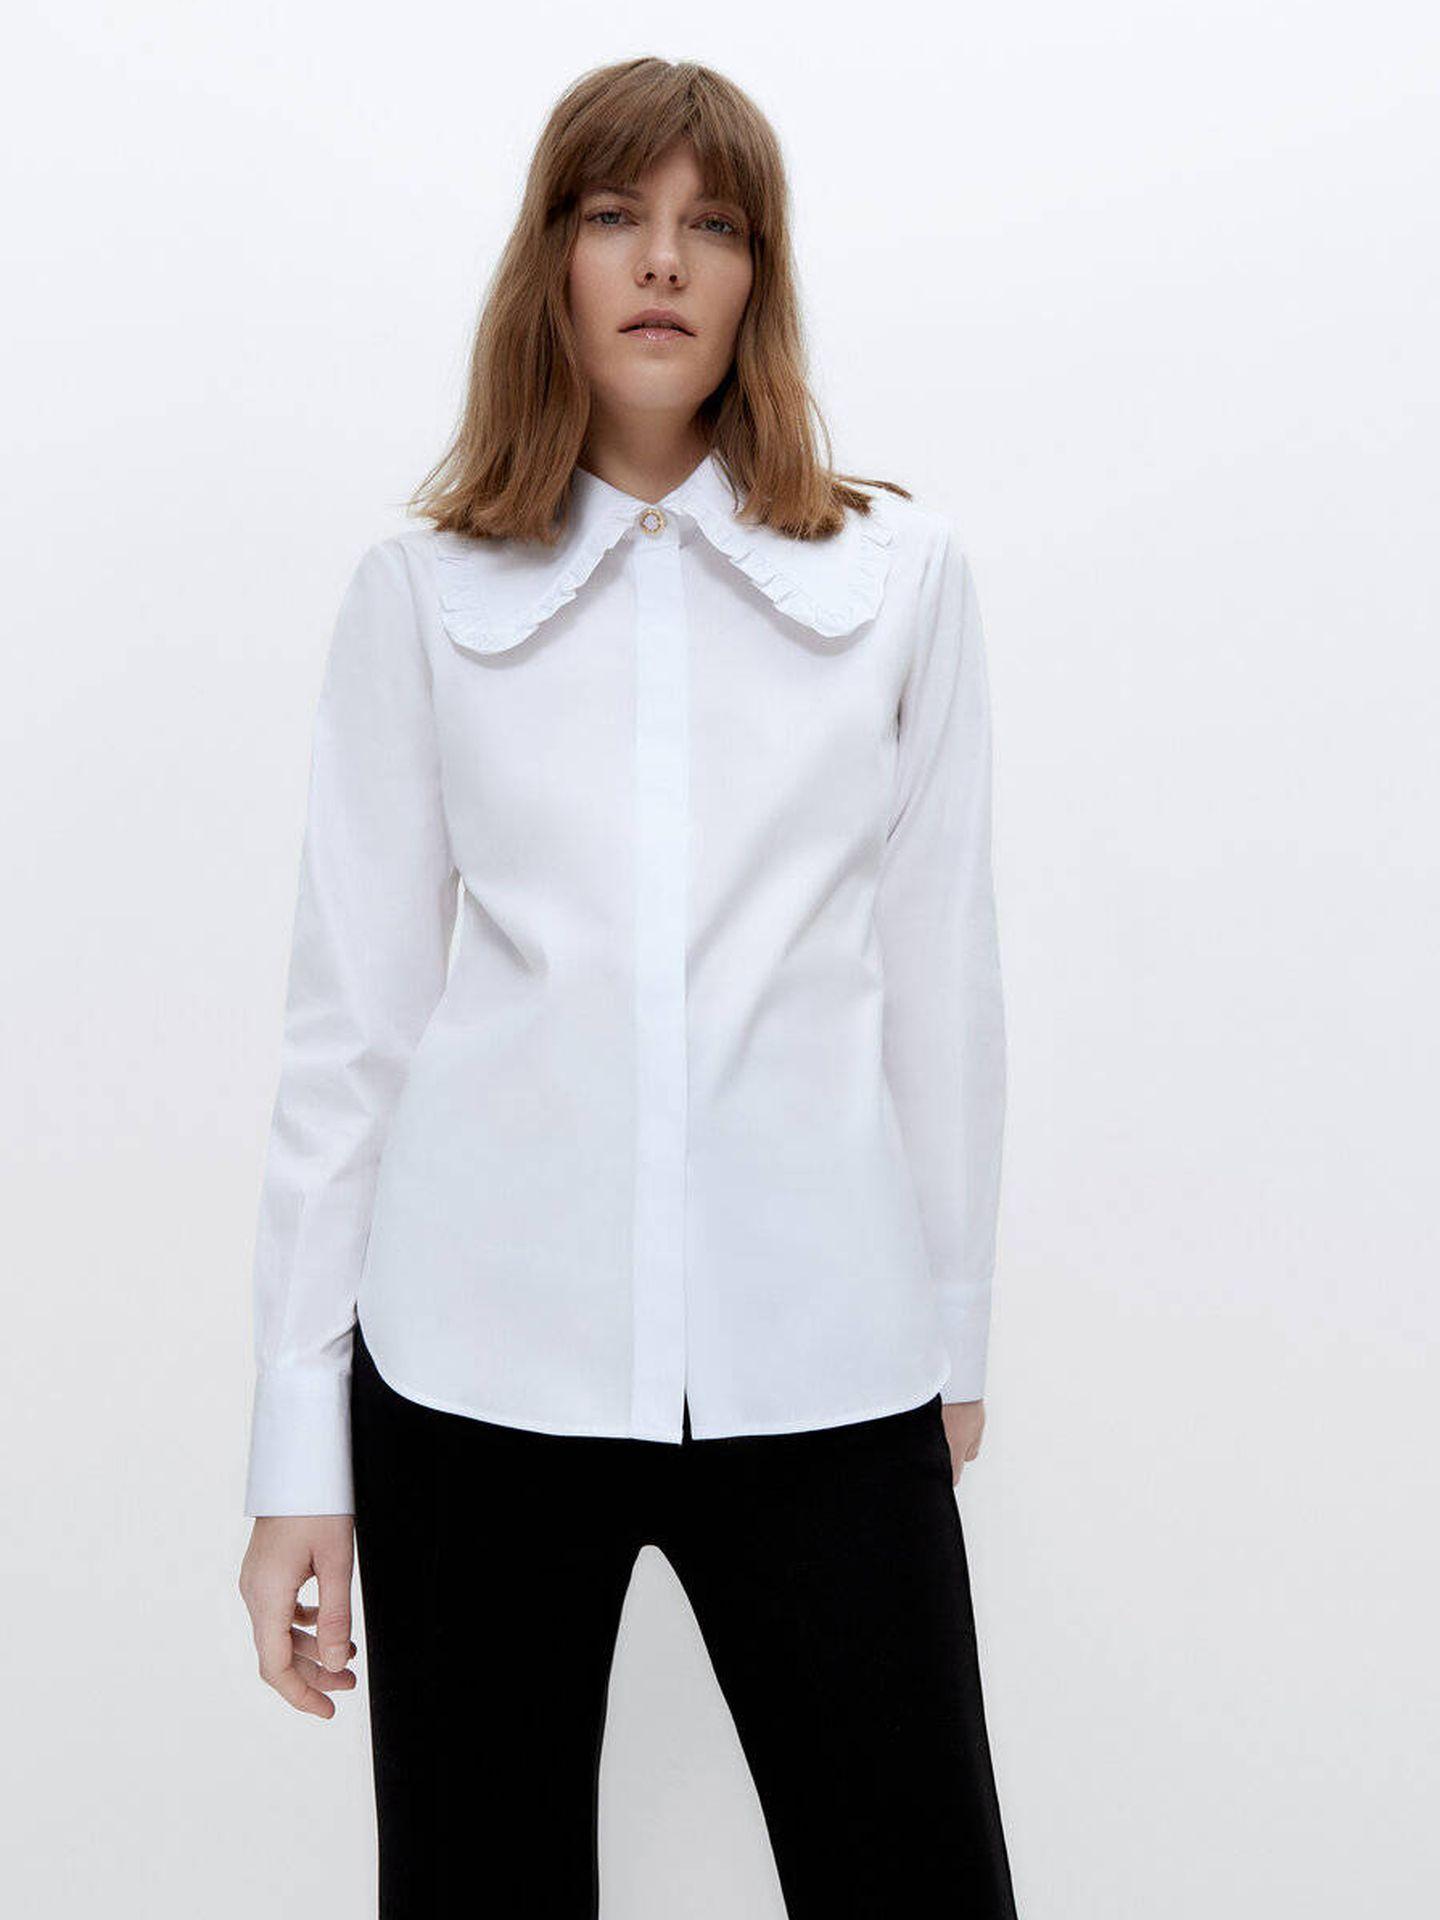 La camisa con cuello bobo de Uterqüe en color blanco. (Cortesía)